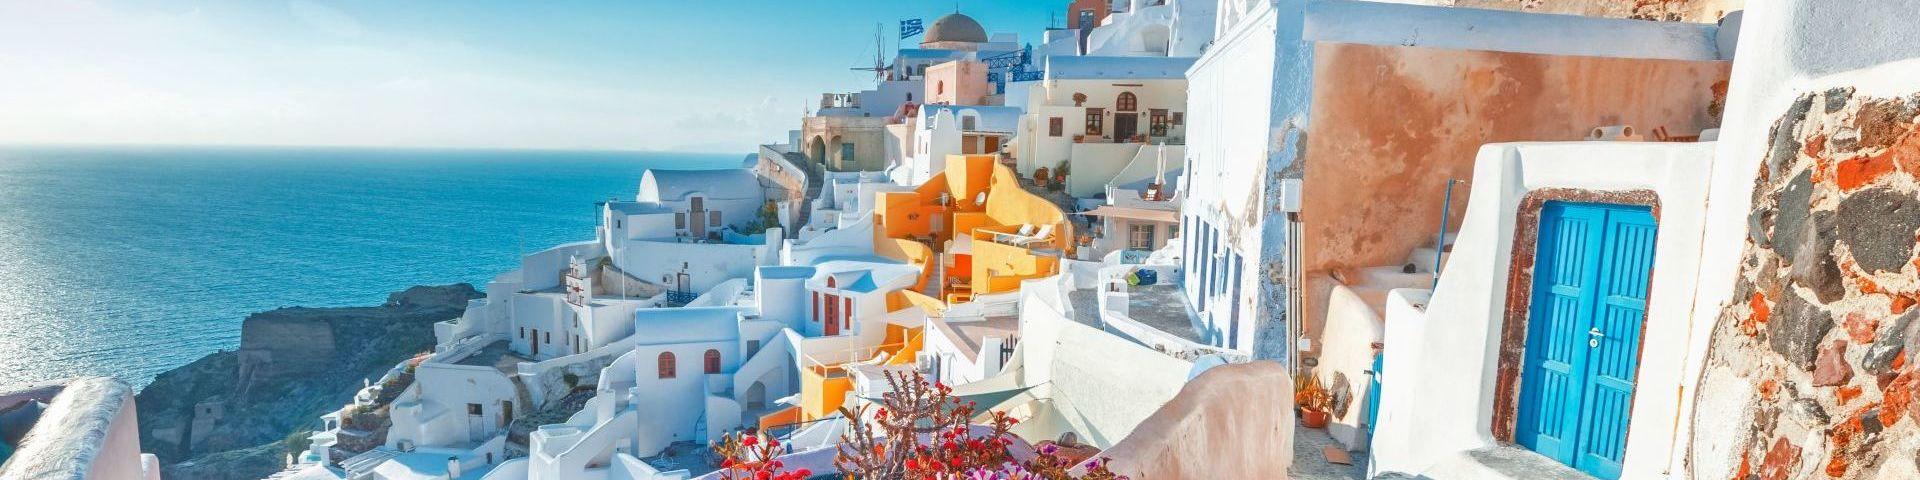 Sommerurlaub  - bis zu 40% sparen!